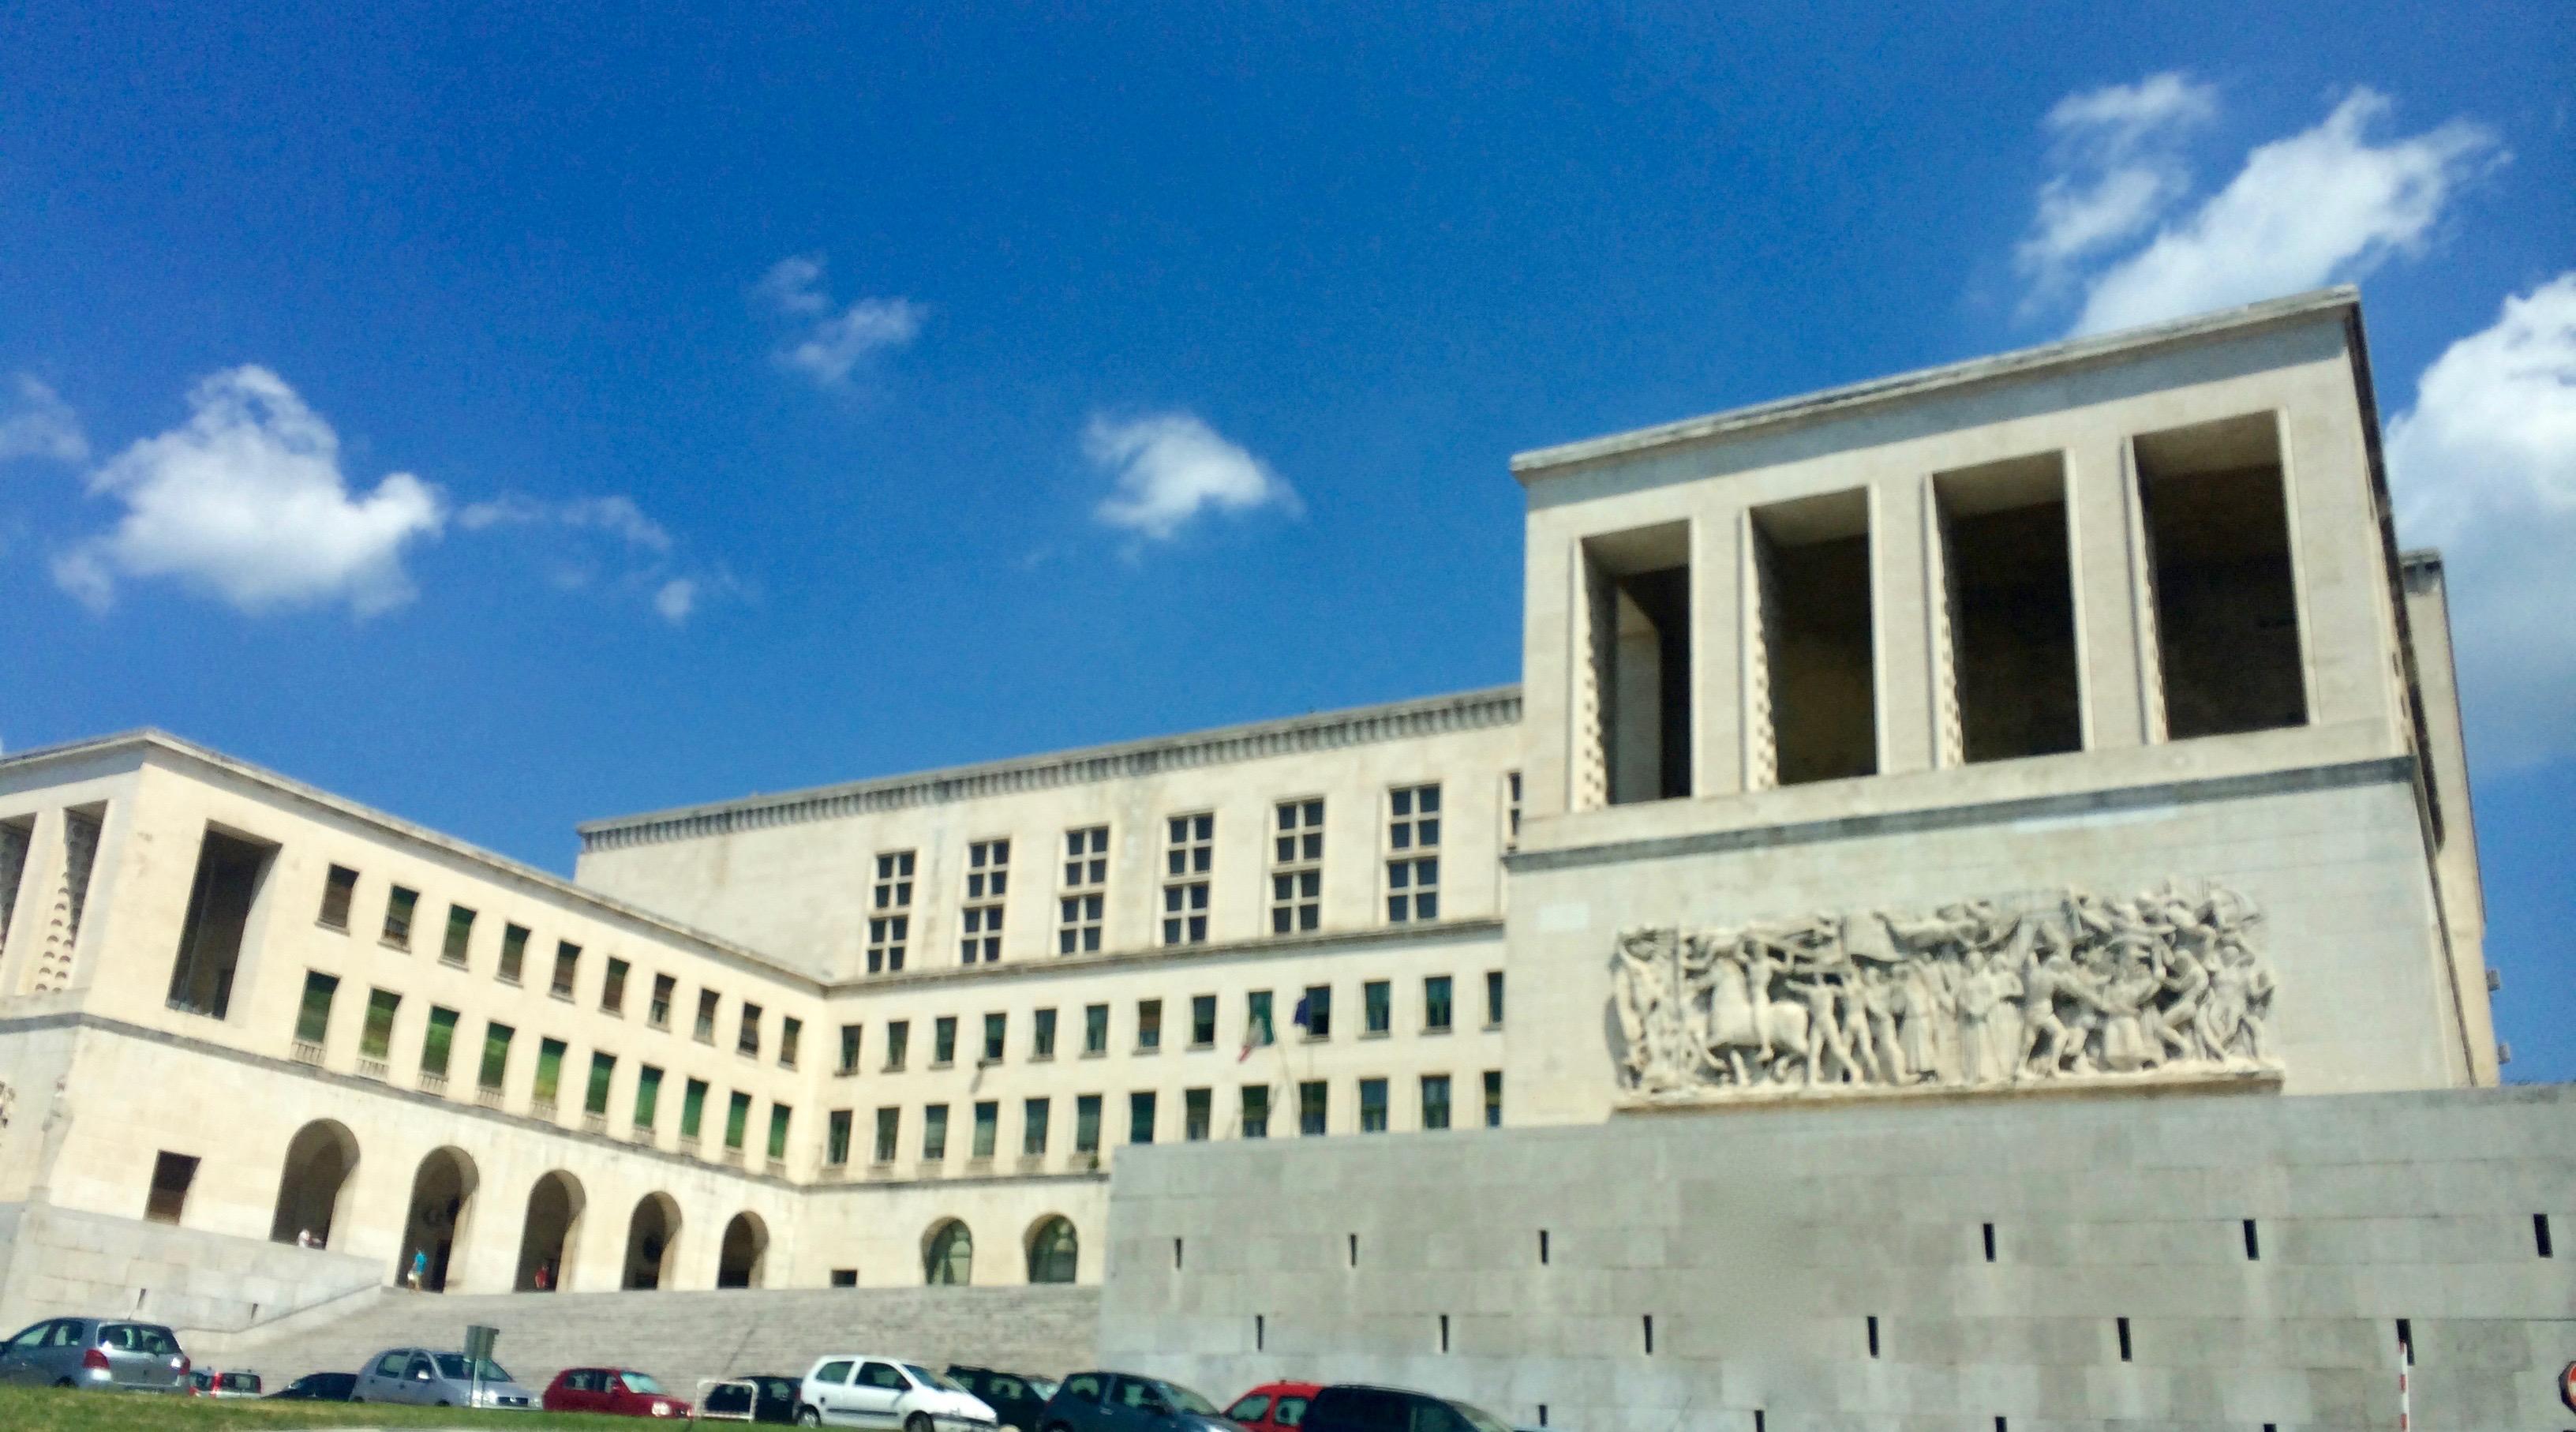 Accordo tra Università di Trieste e Fincantieri: nasce il laboratorio di progettazione navale integrata